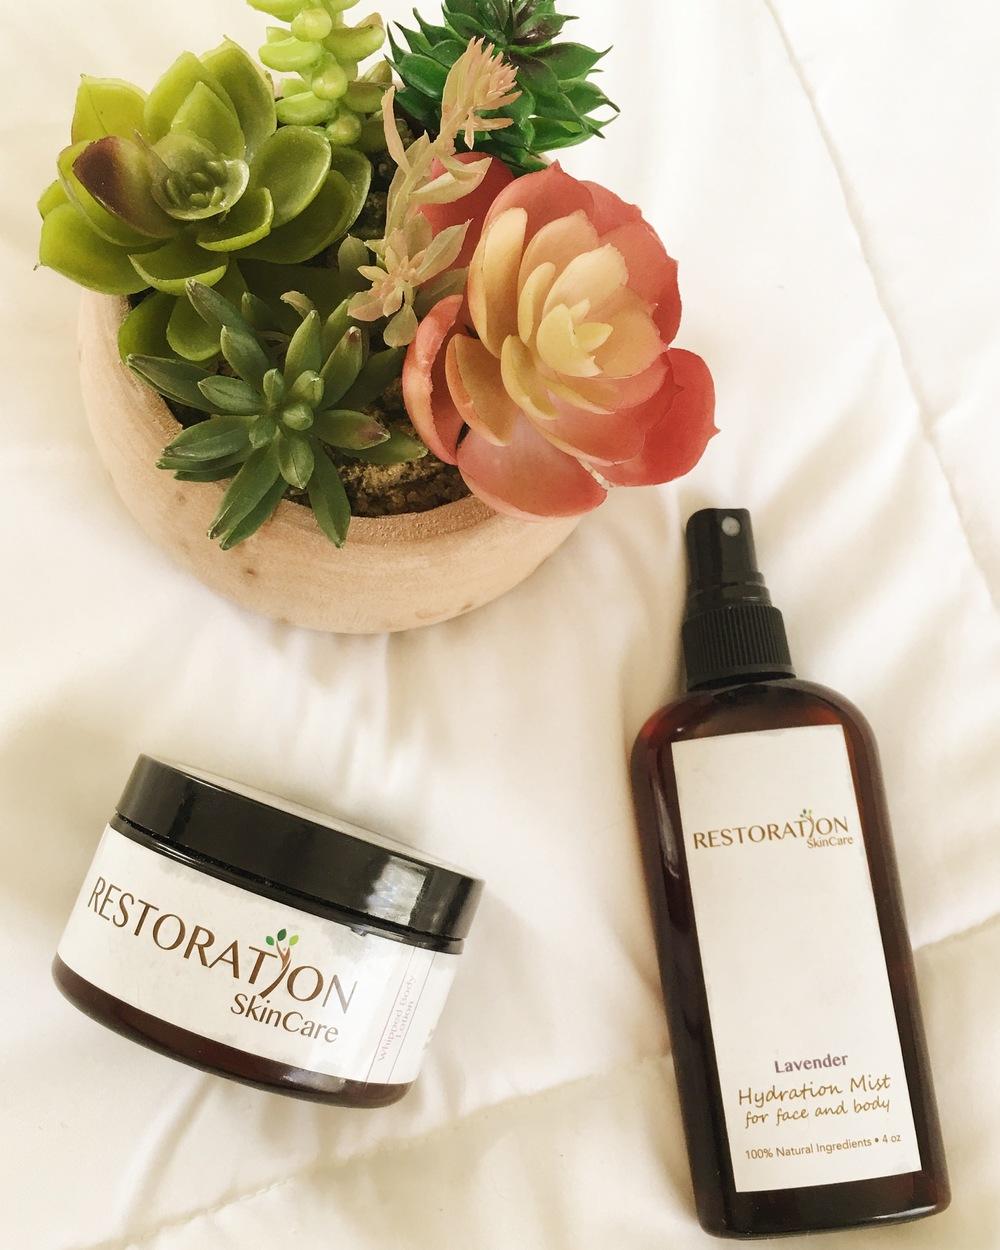 restoration skincare